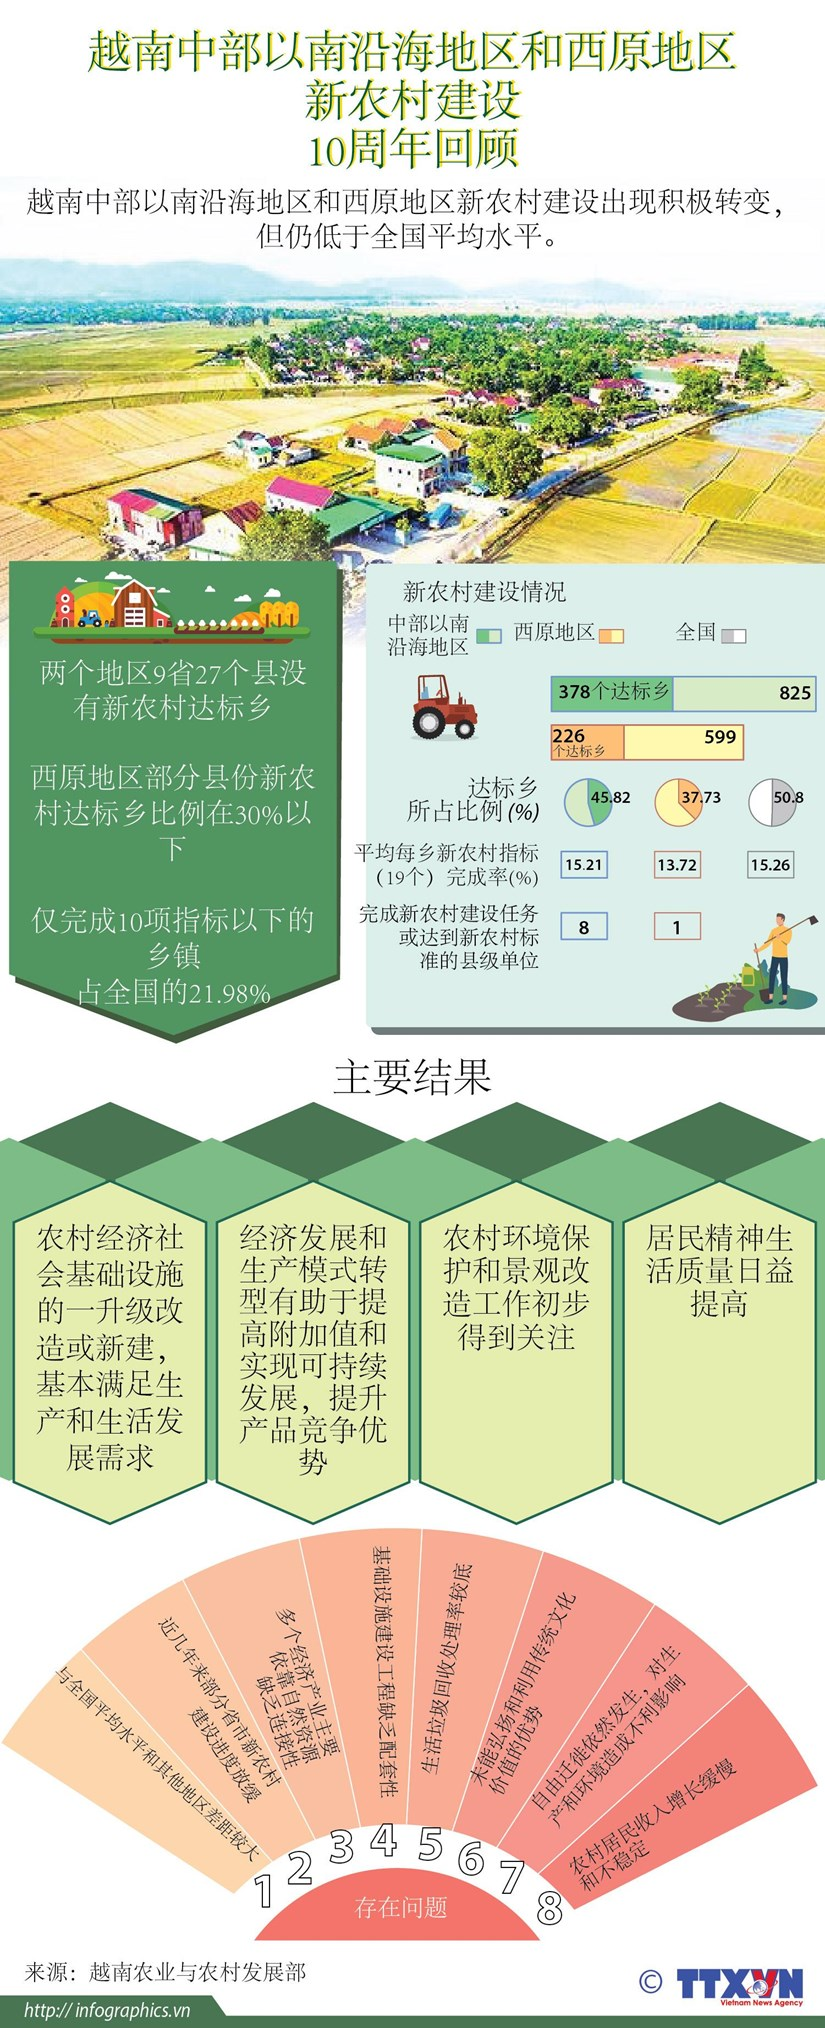 图表新闻:越南中部以南沿海地区和西原地区新农村建设10周年回顾 hinh anh 1